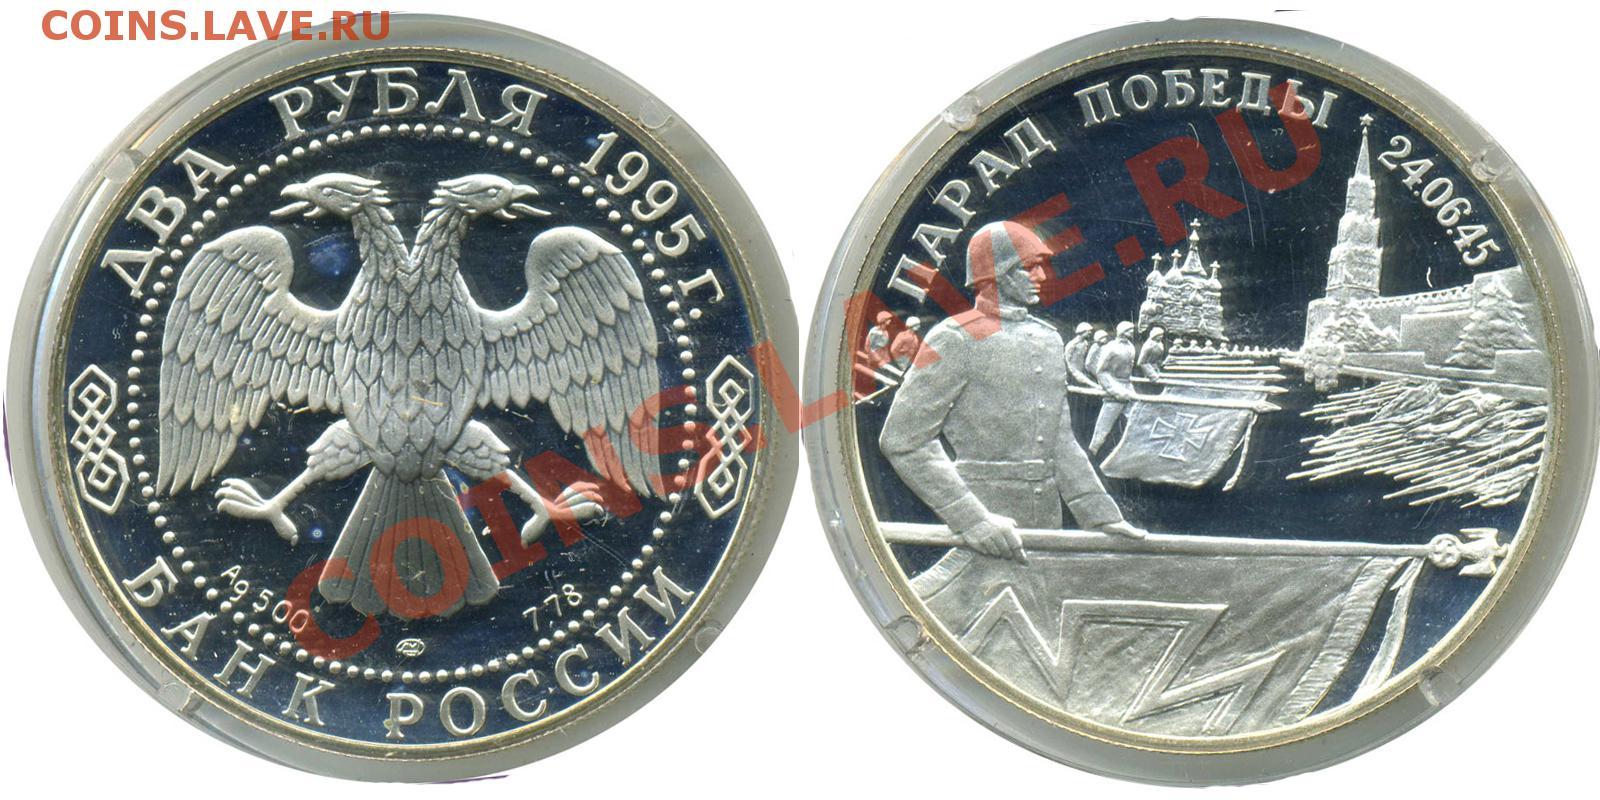 2 рубля 1995 парад победы 10 рублей 2009 года кировская область цена